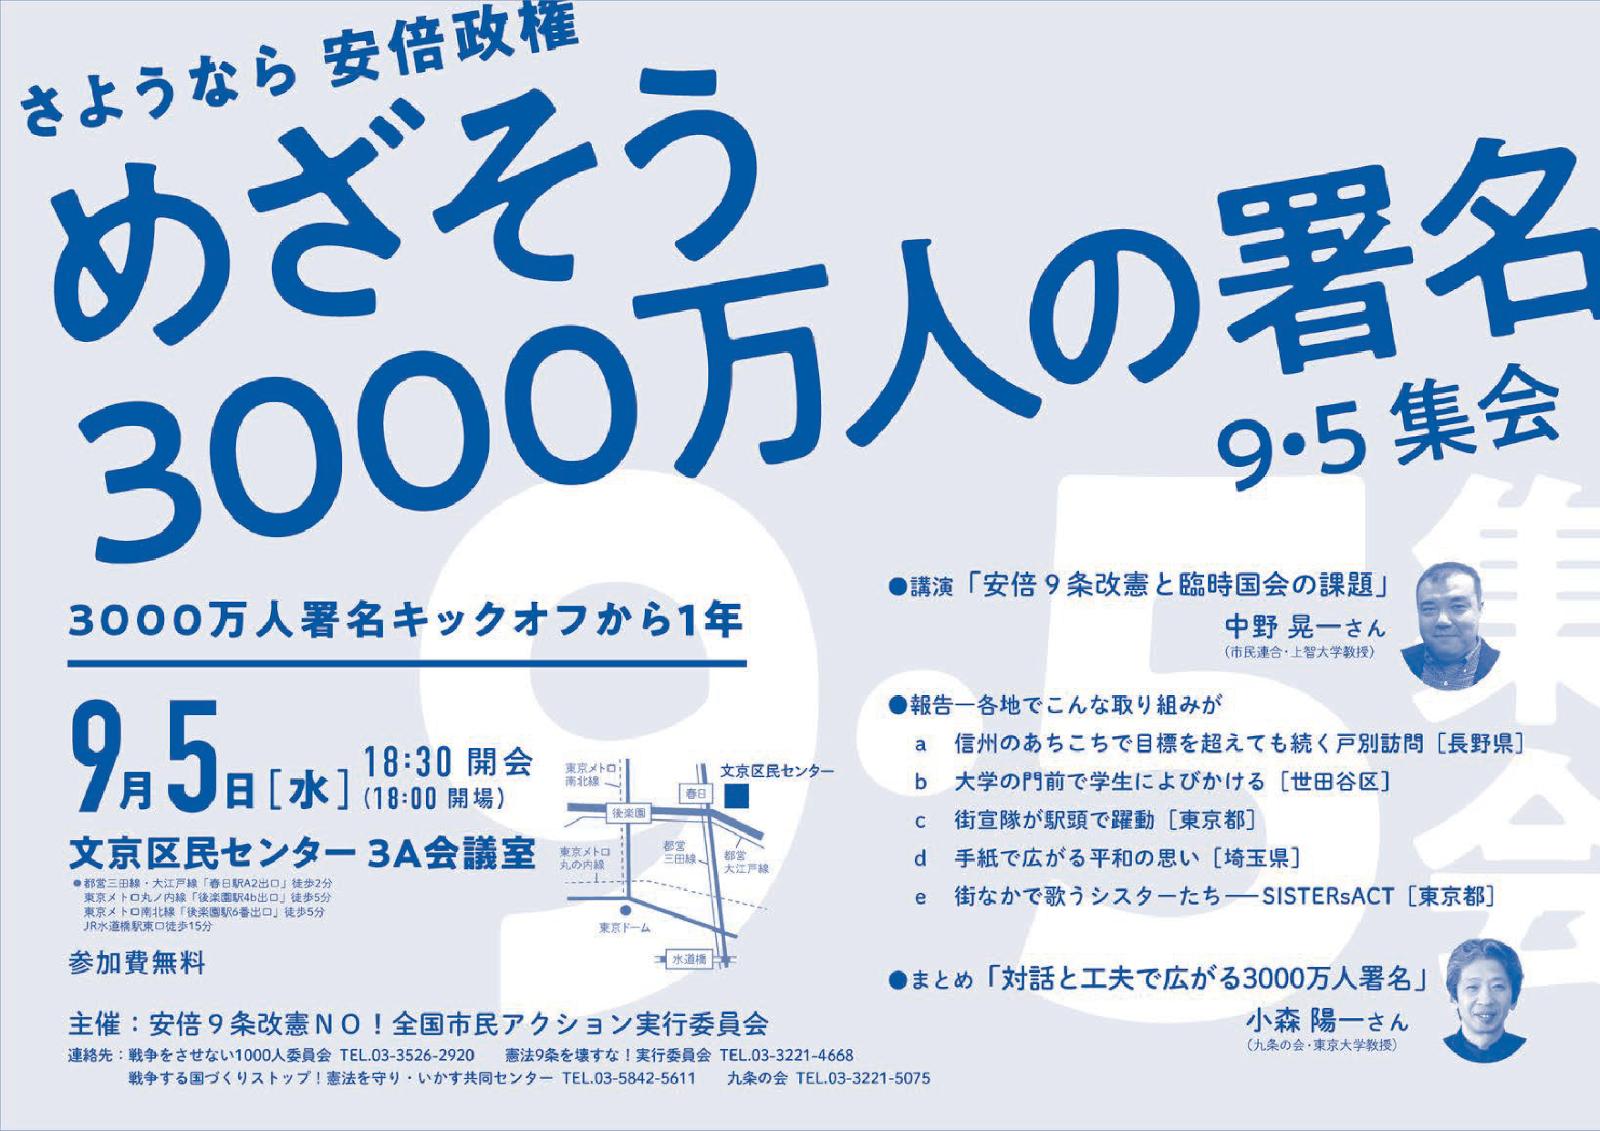 9月5日(水)さよなら安倍政権、めざそう3000万の署名